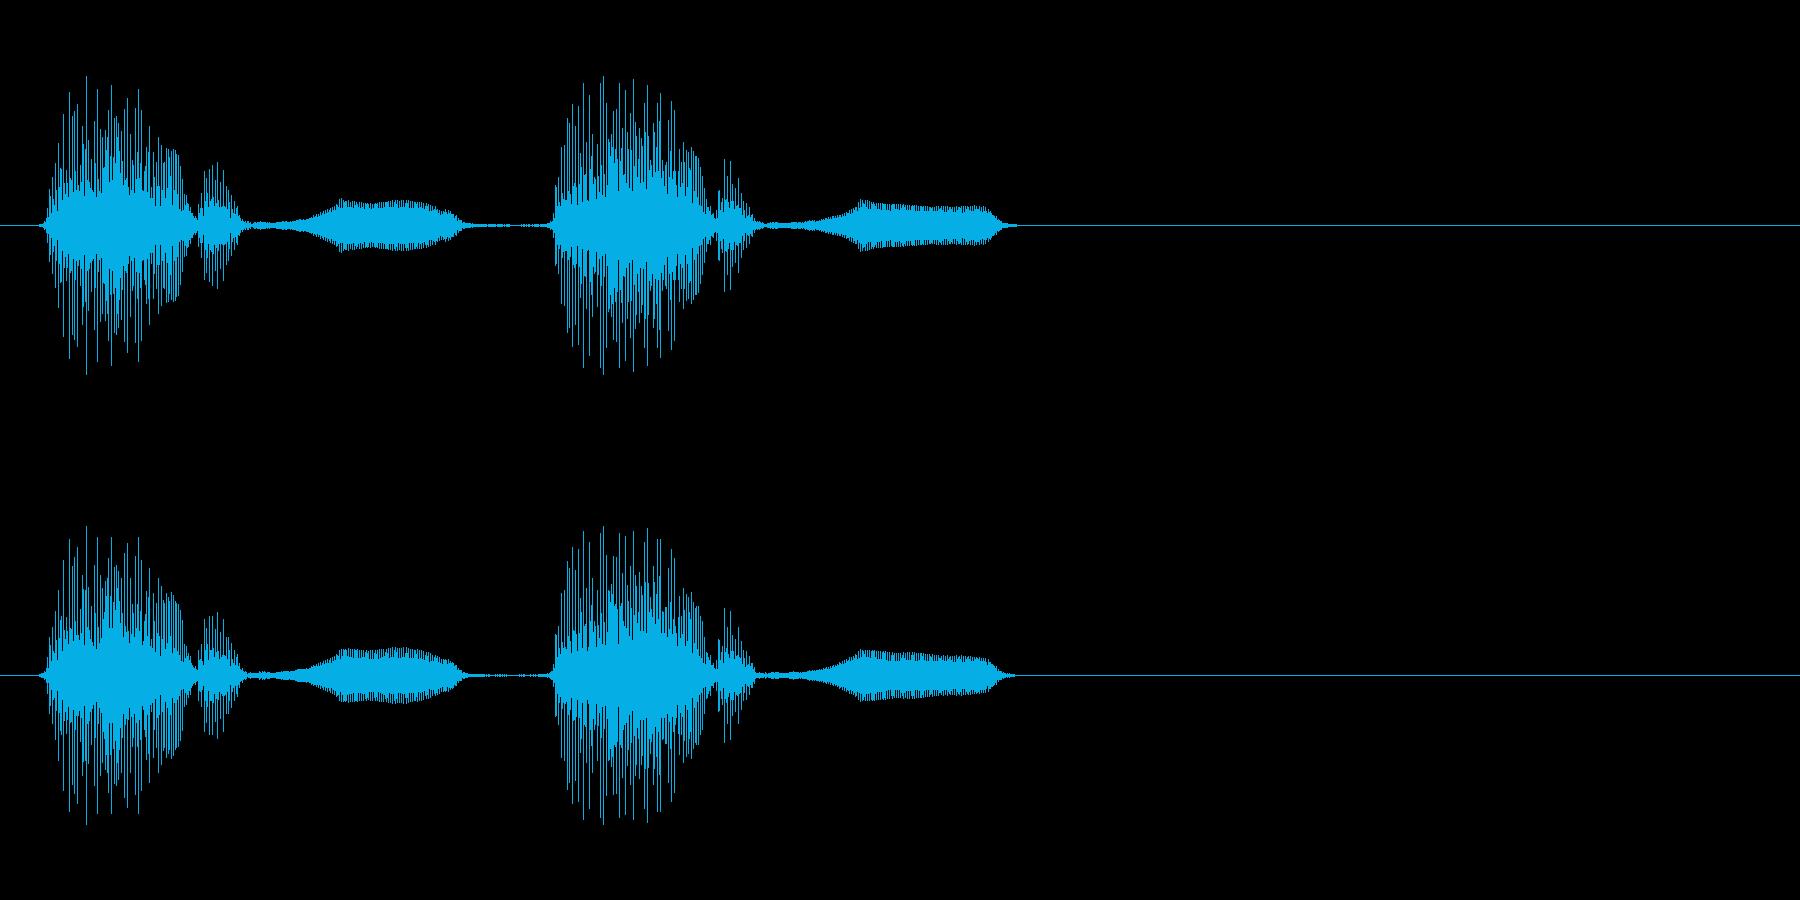 コミカルな音の再生済みの波形